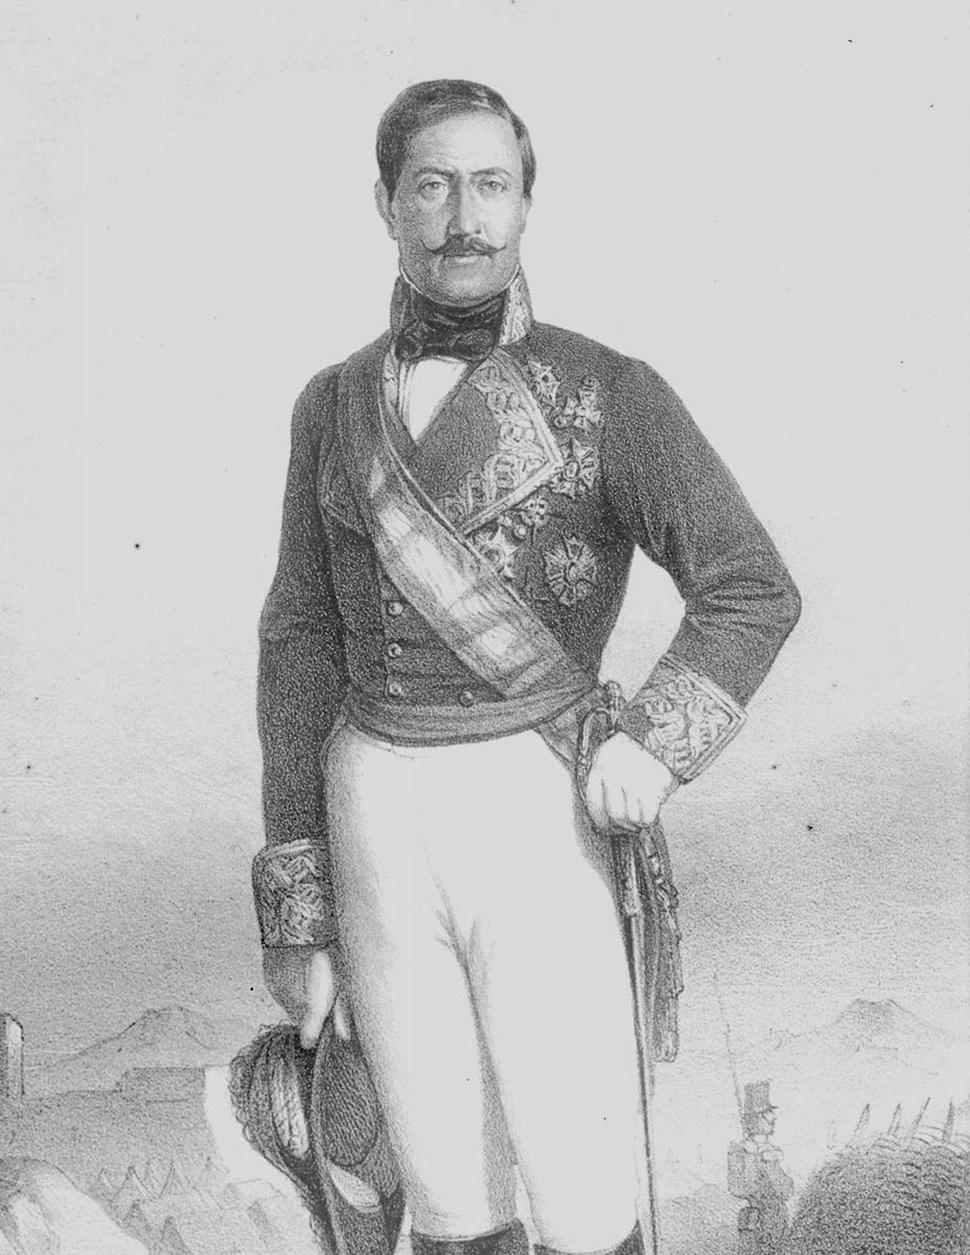 Teniente coronel Fernando Norzagaray